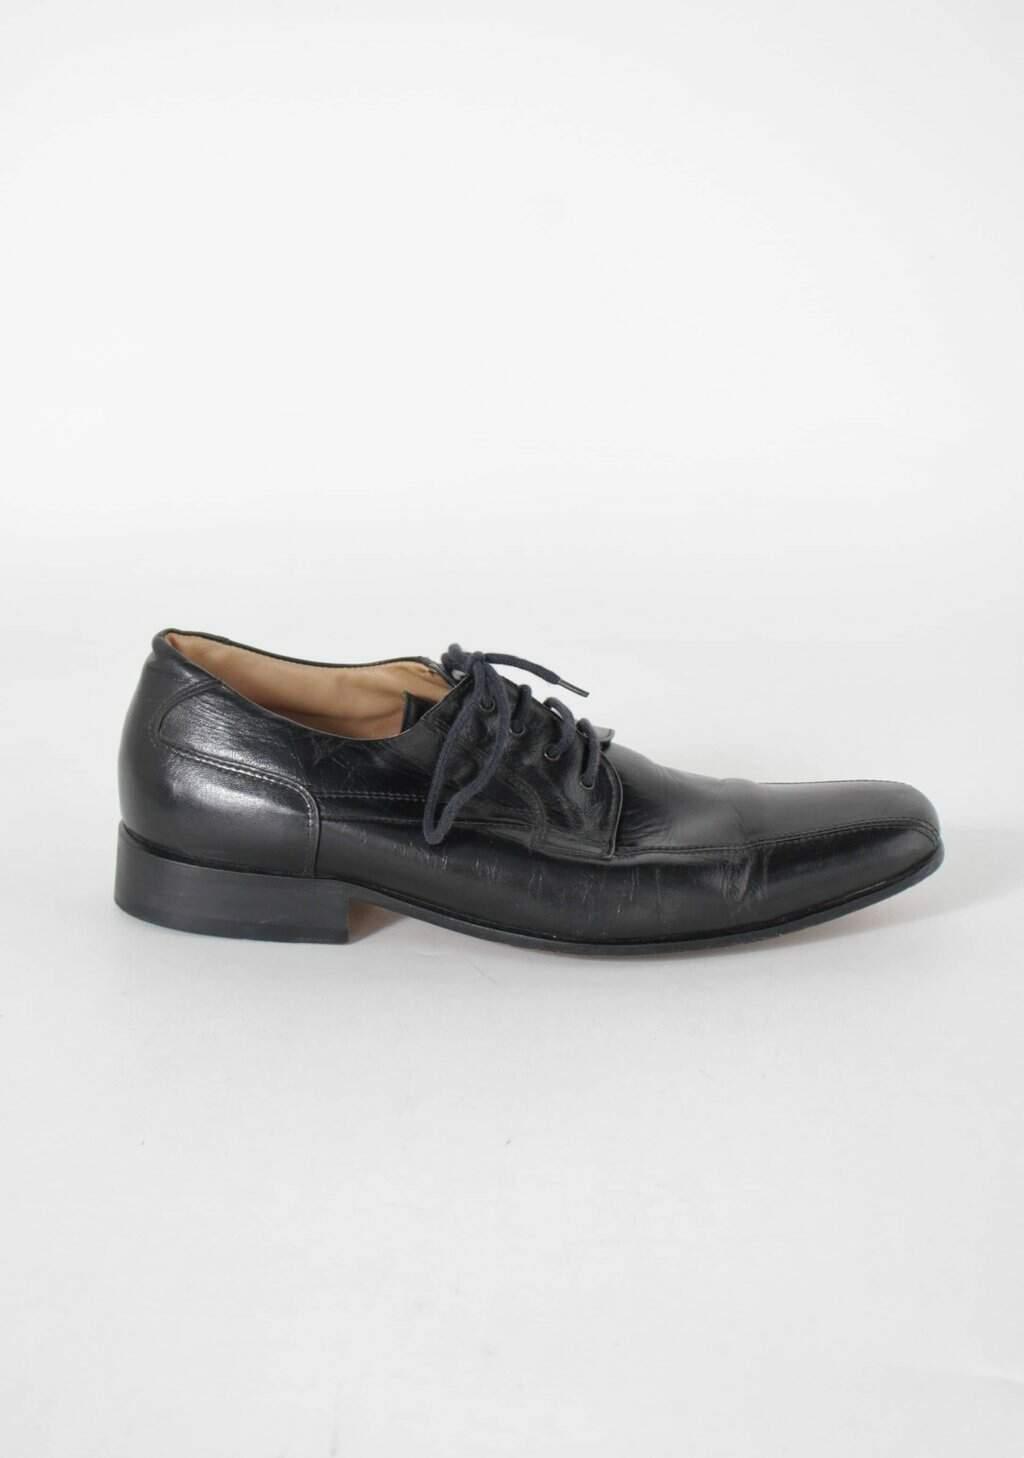 Sapato social jacometti masculino preto